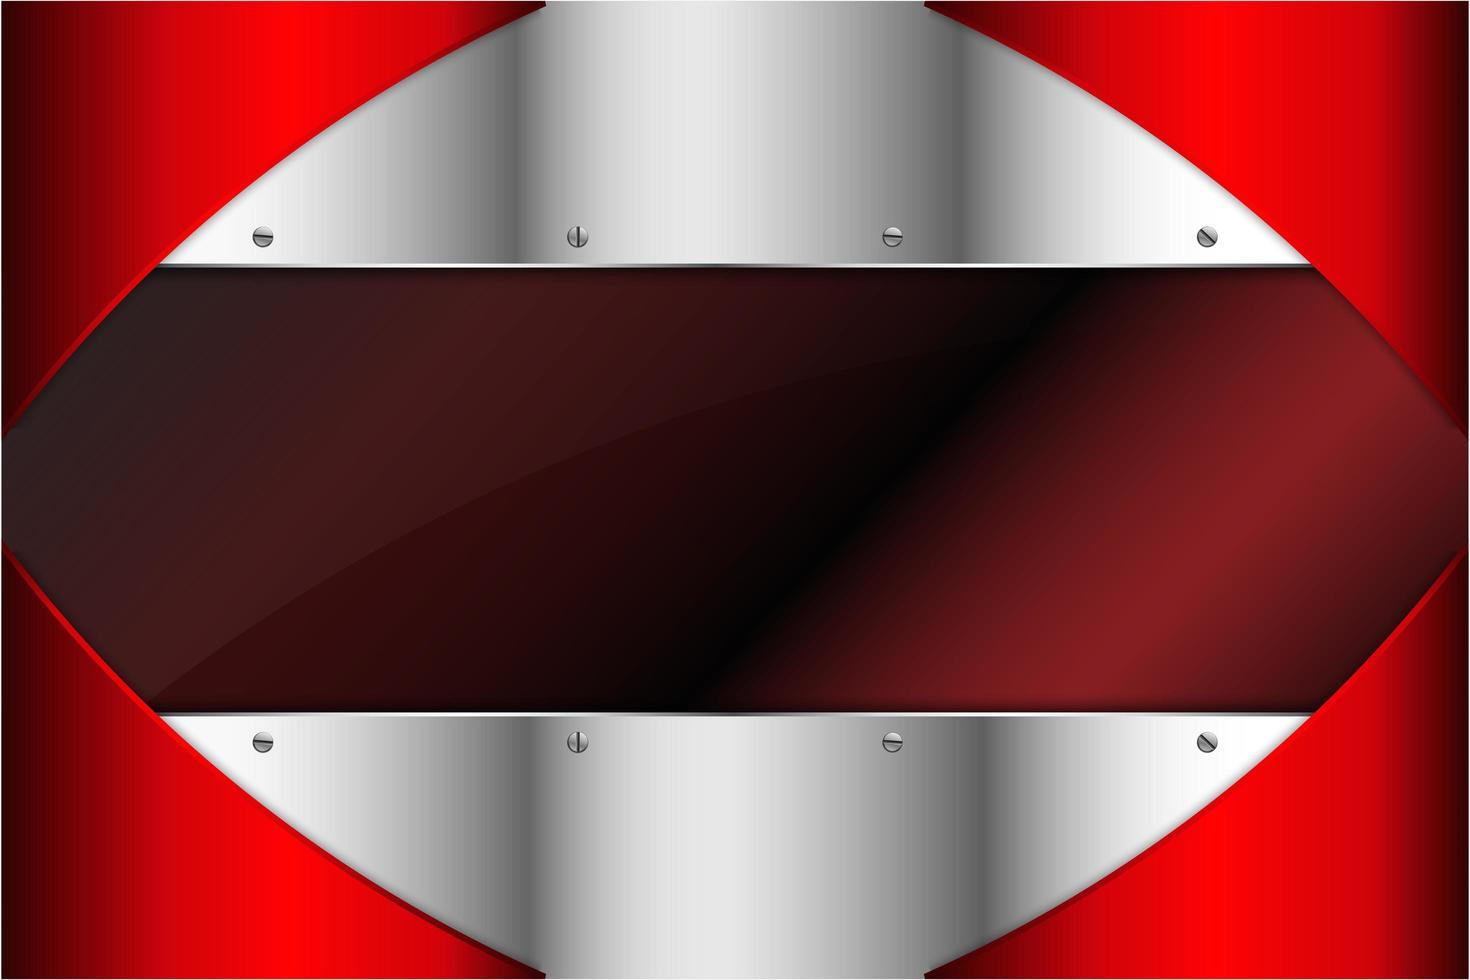 panneaux rouges et argentés métalliques avec espace sombre vecteur